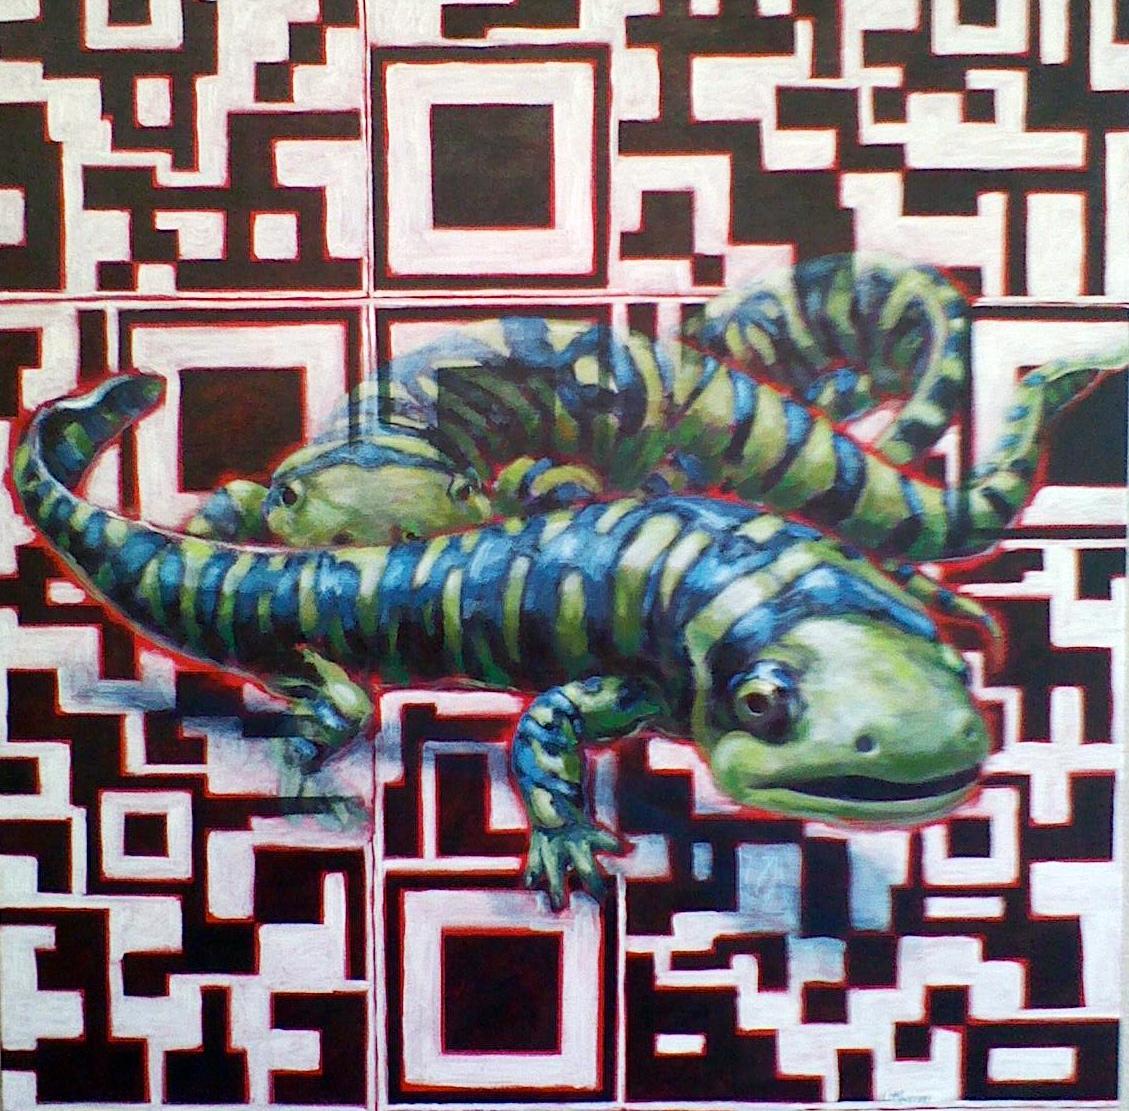 Nature/QR Code XI (Salamanders)